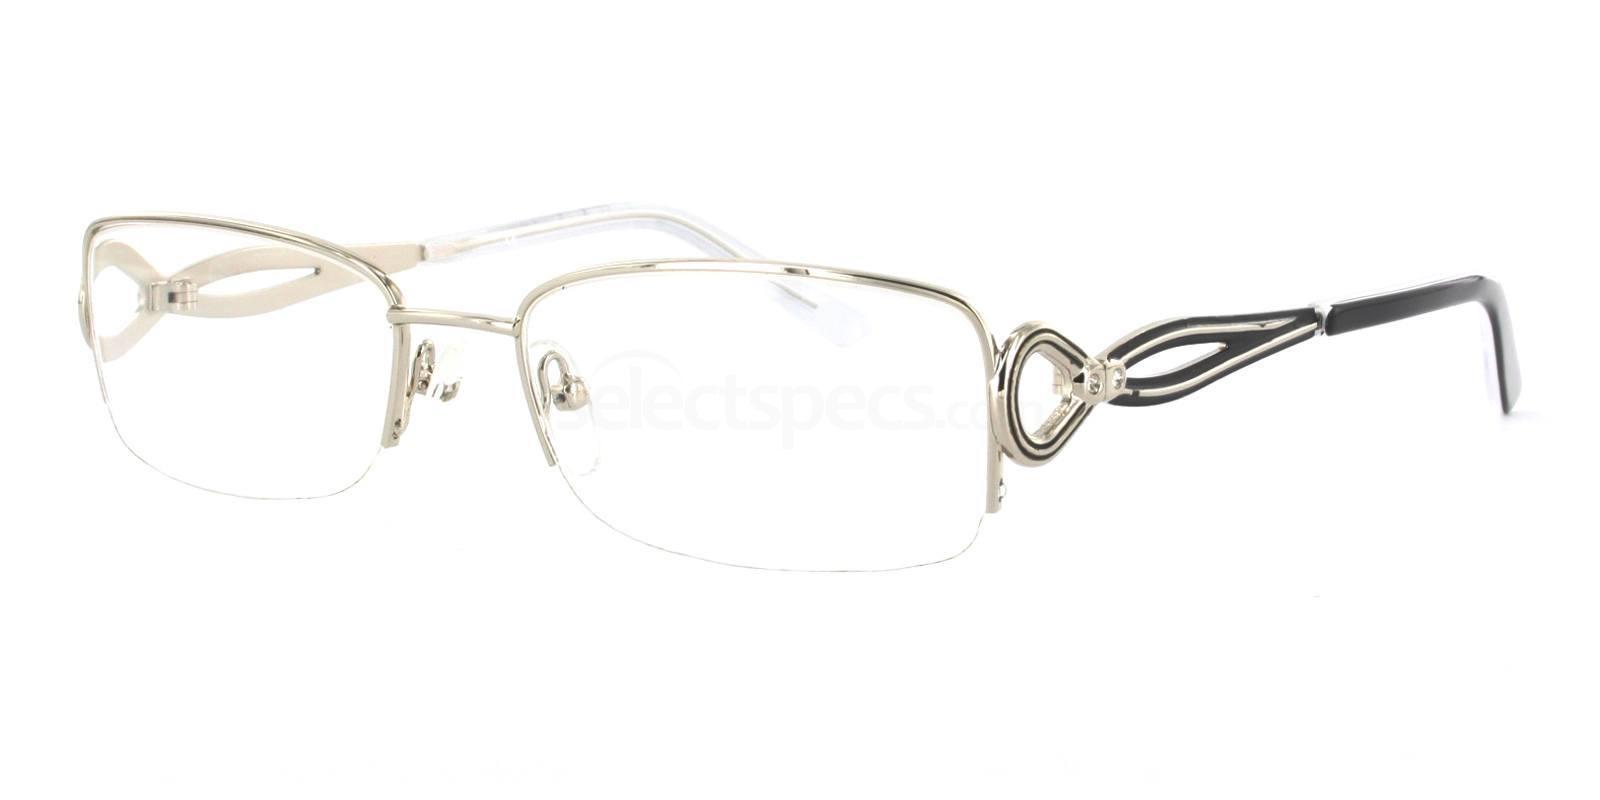 C1 Y25948 Glasses, Antares